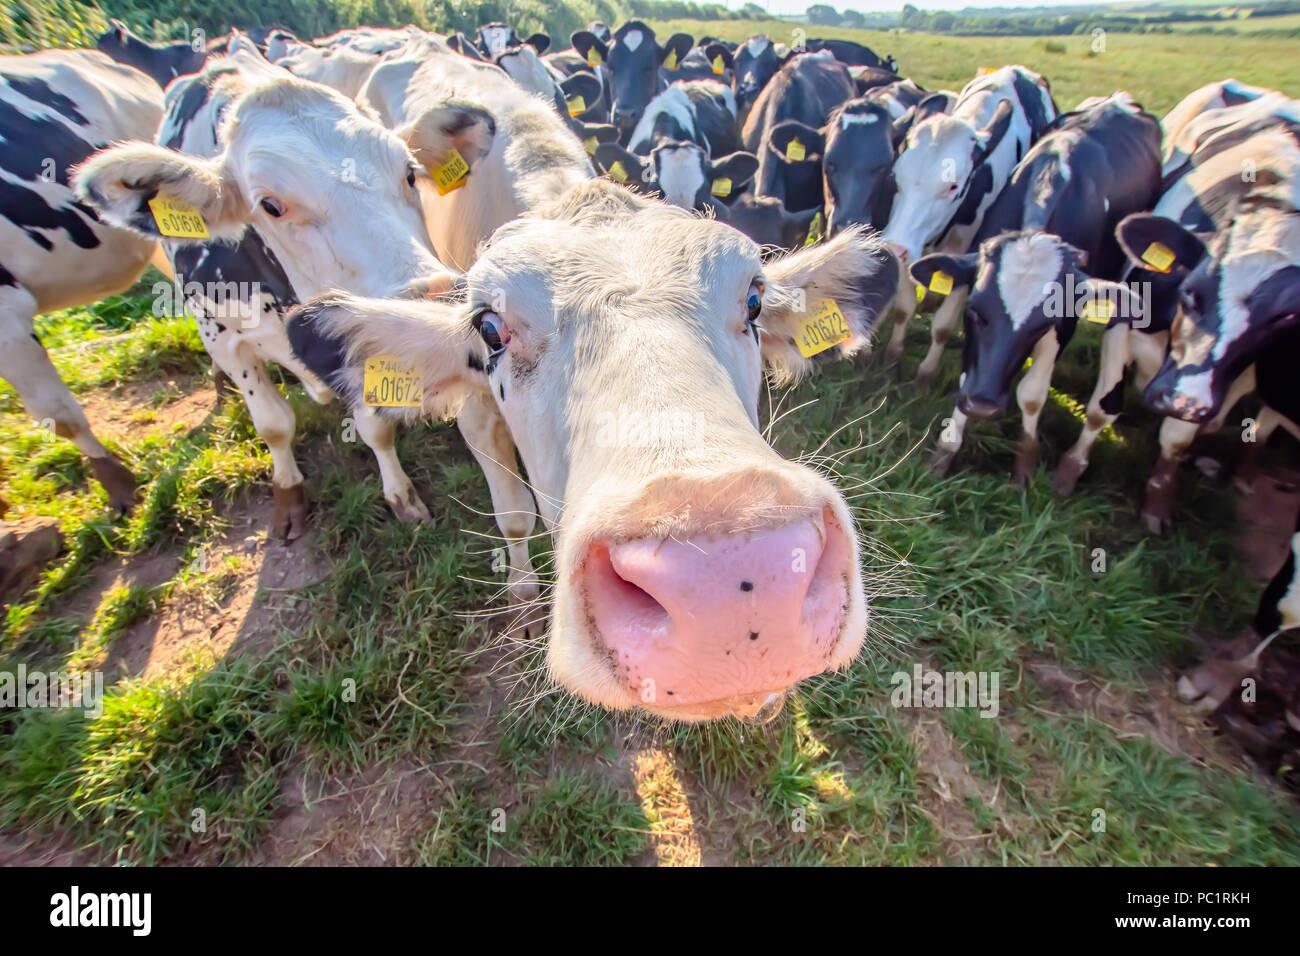 Vache blanche portrait sur les pâturages à la recherche des animaux de ferme.en appareil photo avec objectif grand angle.drôles et adorables animaux bovins.uk.Drôle de vaches. Photo Stock